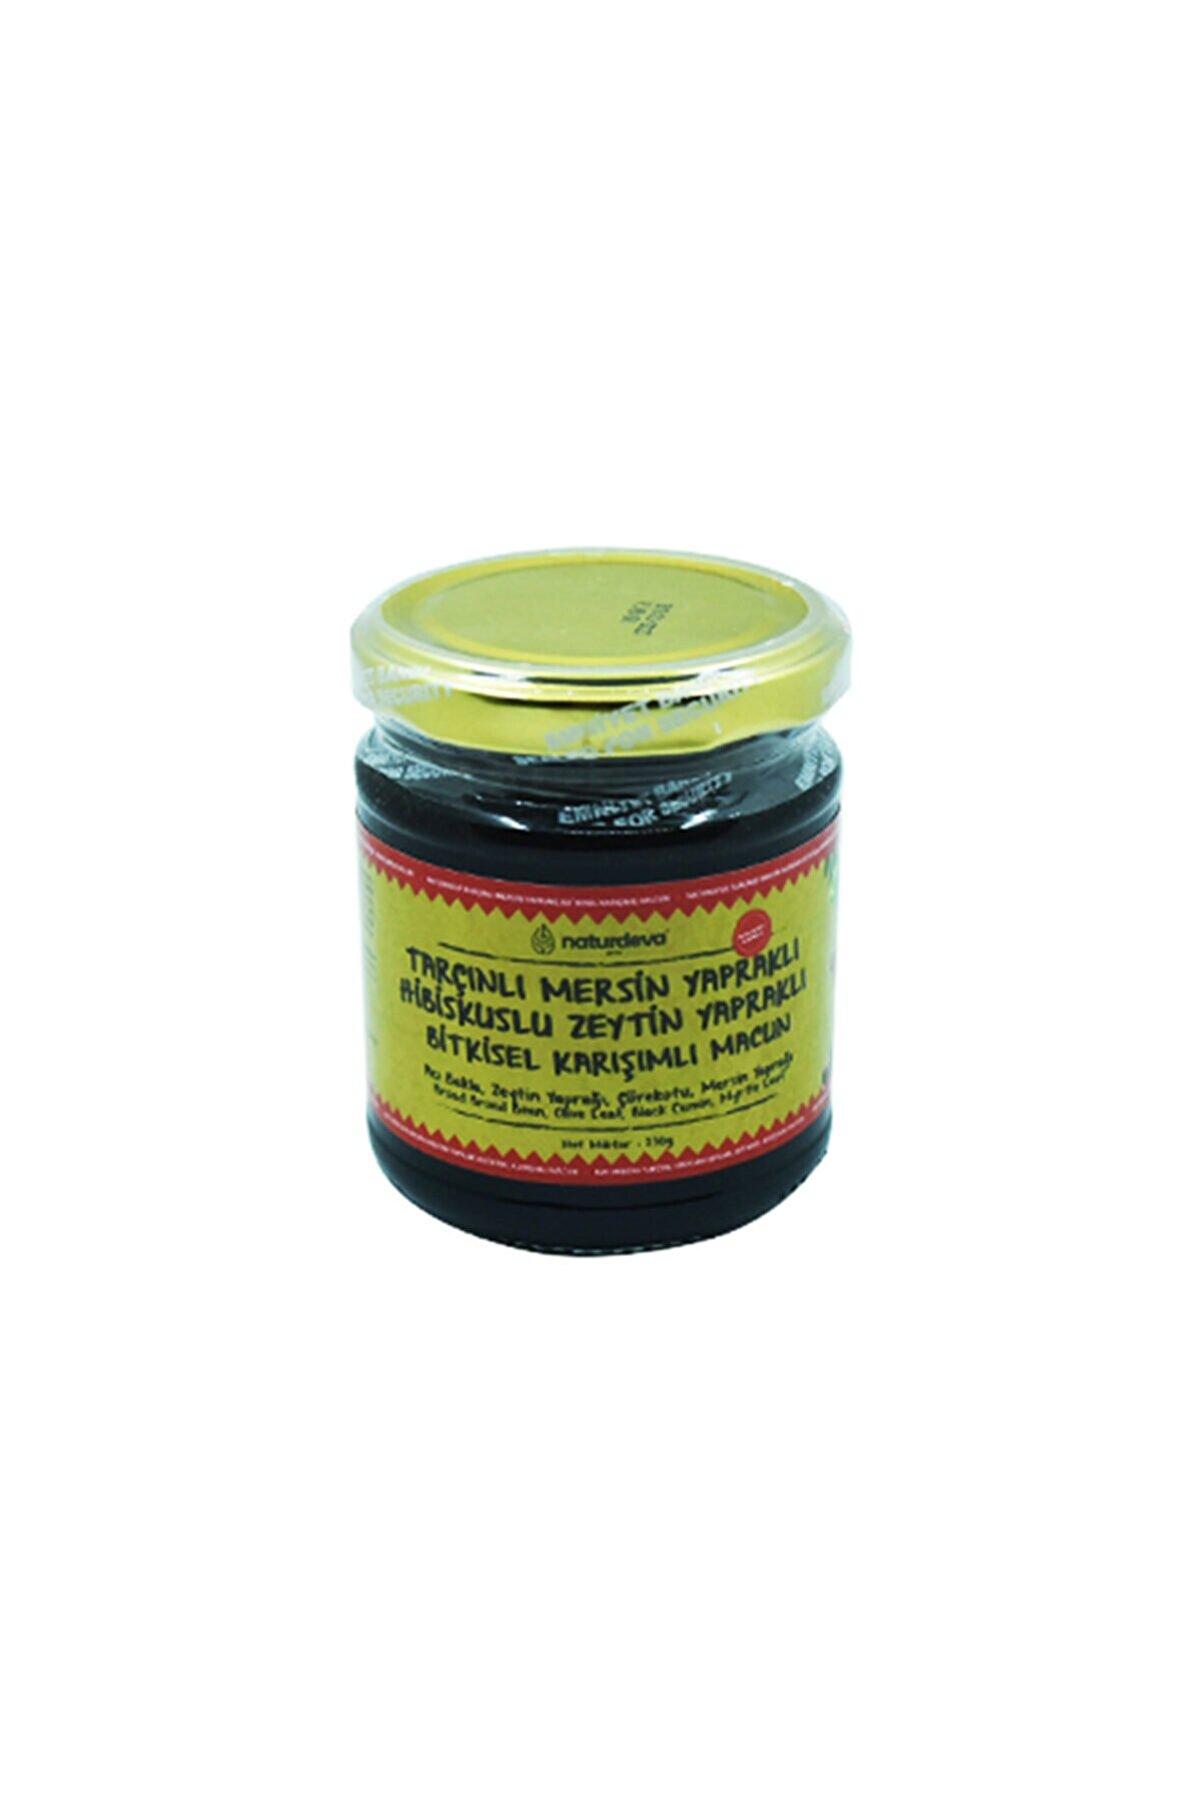 Naturdeva Tarçınlı Mersin Yapraklı Hibuskuslu Zeytin Yapraklı Bitkisel Karışımlı Macun 230 Gram